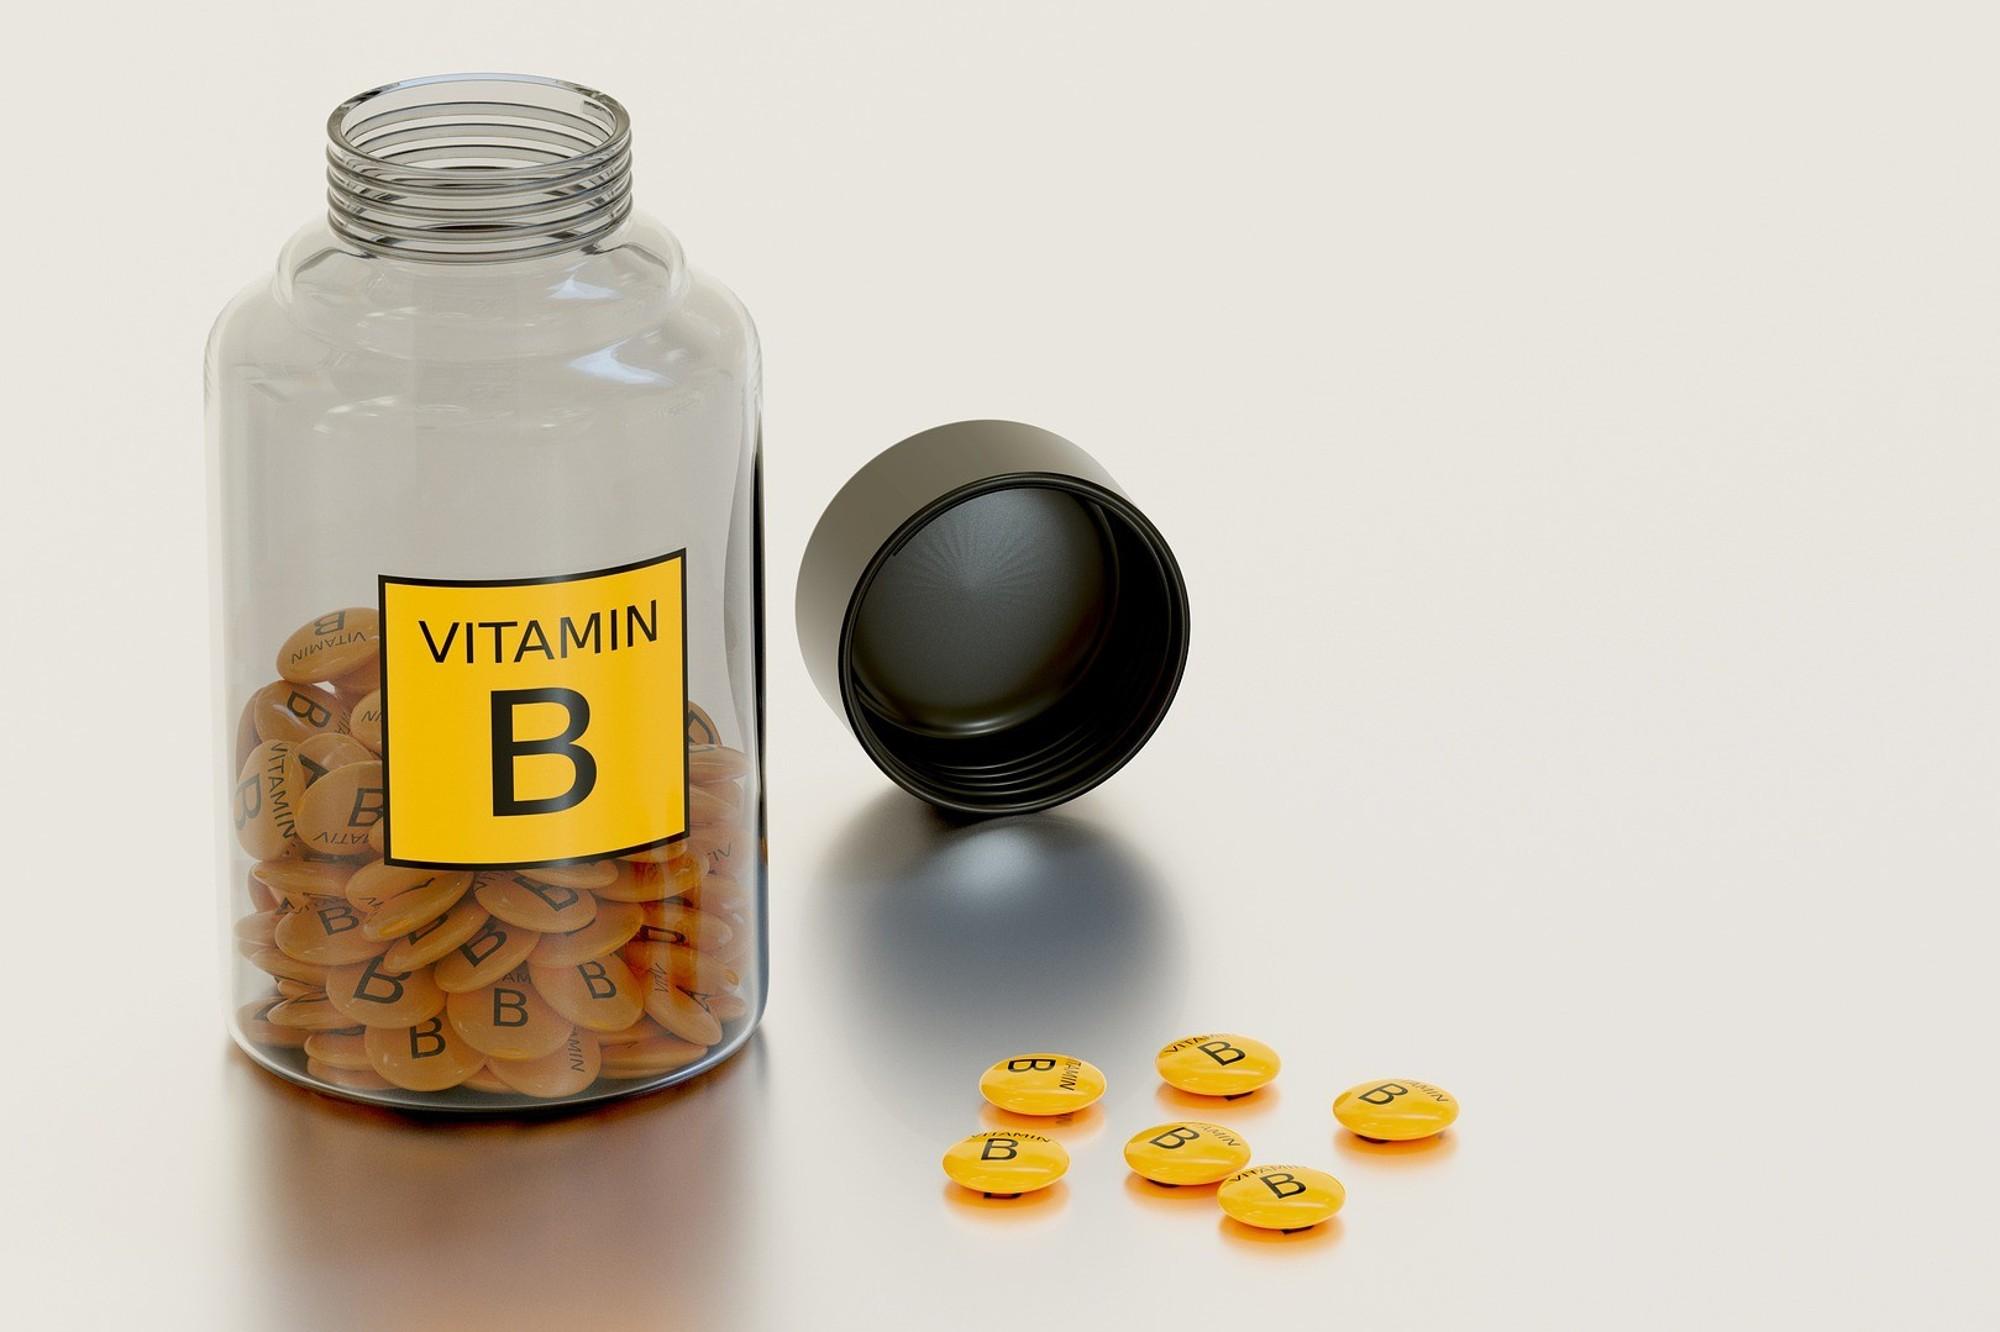 Quelles sont les vertus de la vitamine B et comment en consommer ? - RTL.fr